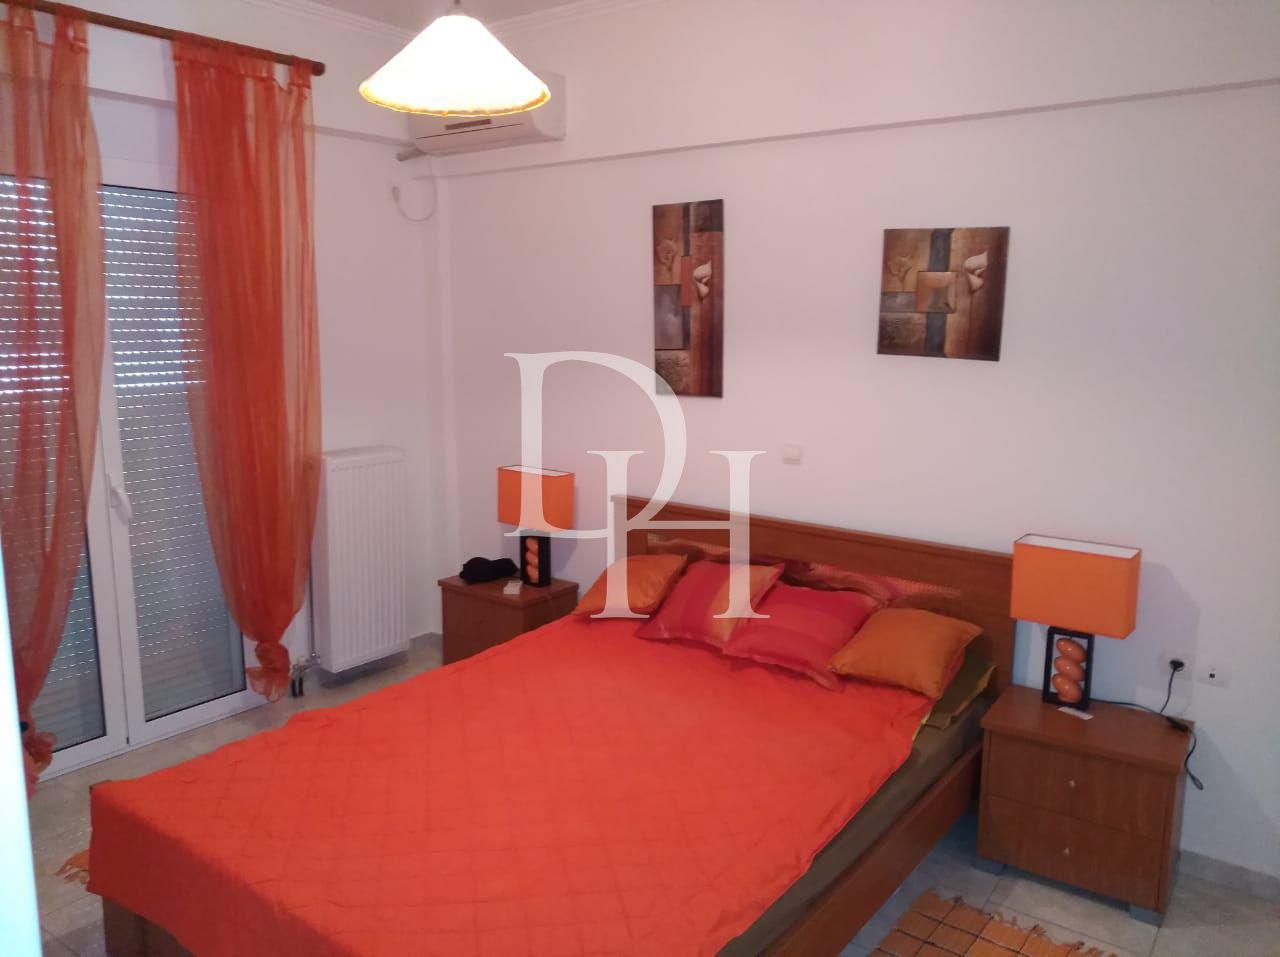 Апартаменты в греции цена дубай что означает